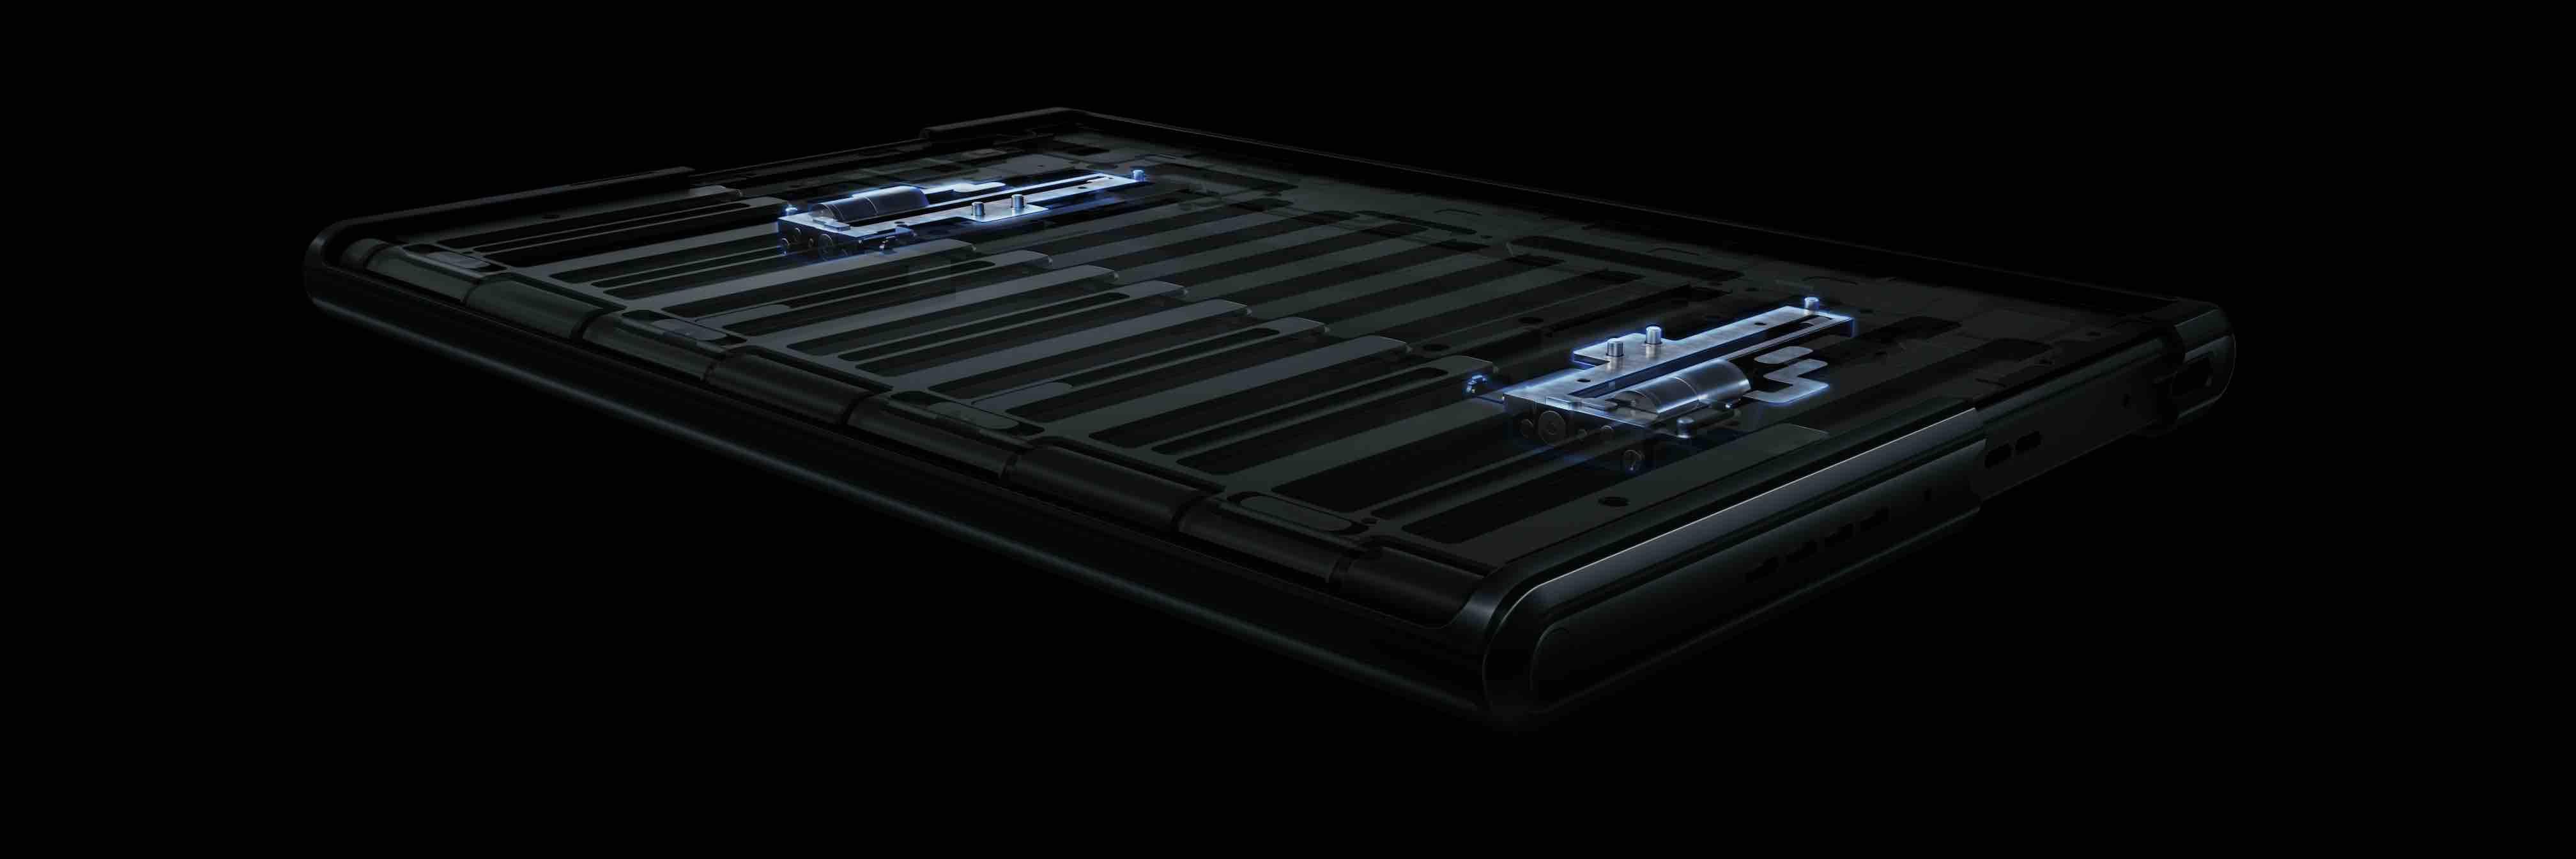 Oppo x 2021, dalla Cina lo smartphone con schermo pieghevole